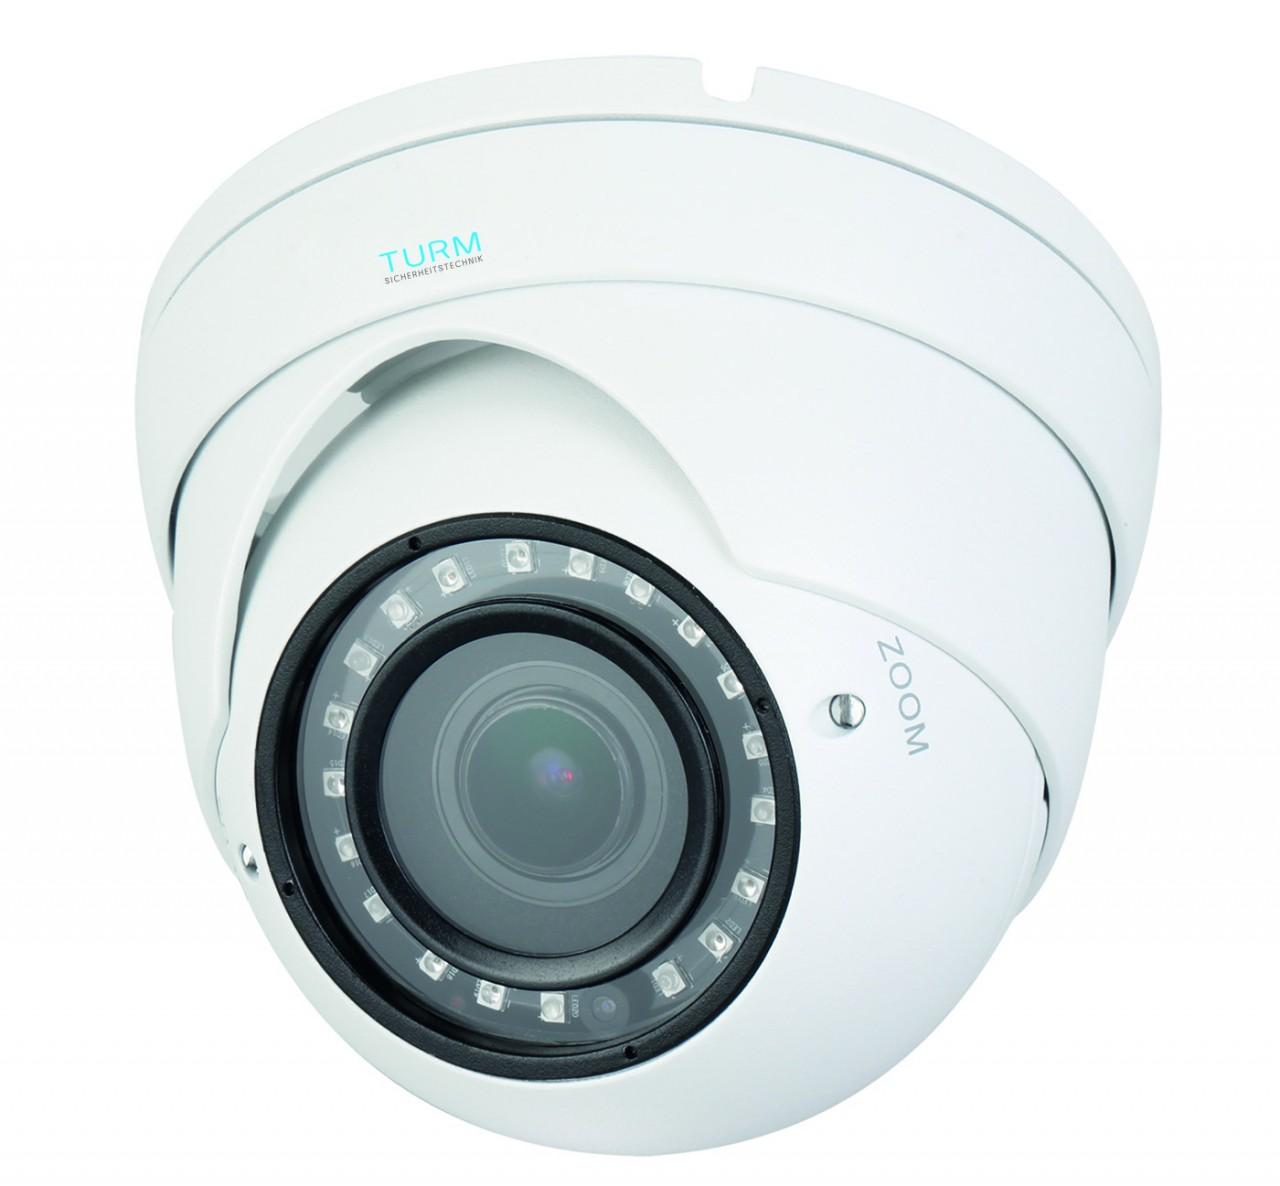 TURM HDCVI Lite 4 MP Dome Kamera, 30m Nachtsicht, 2.7-13.5mm Vario Objektiv